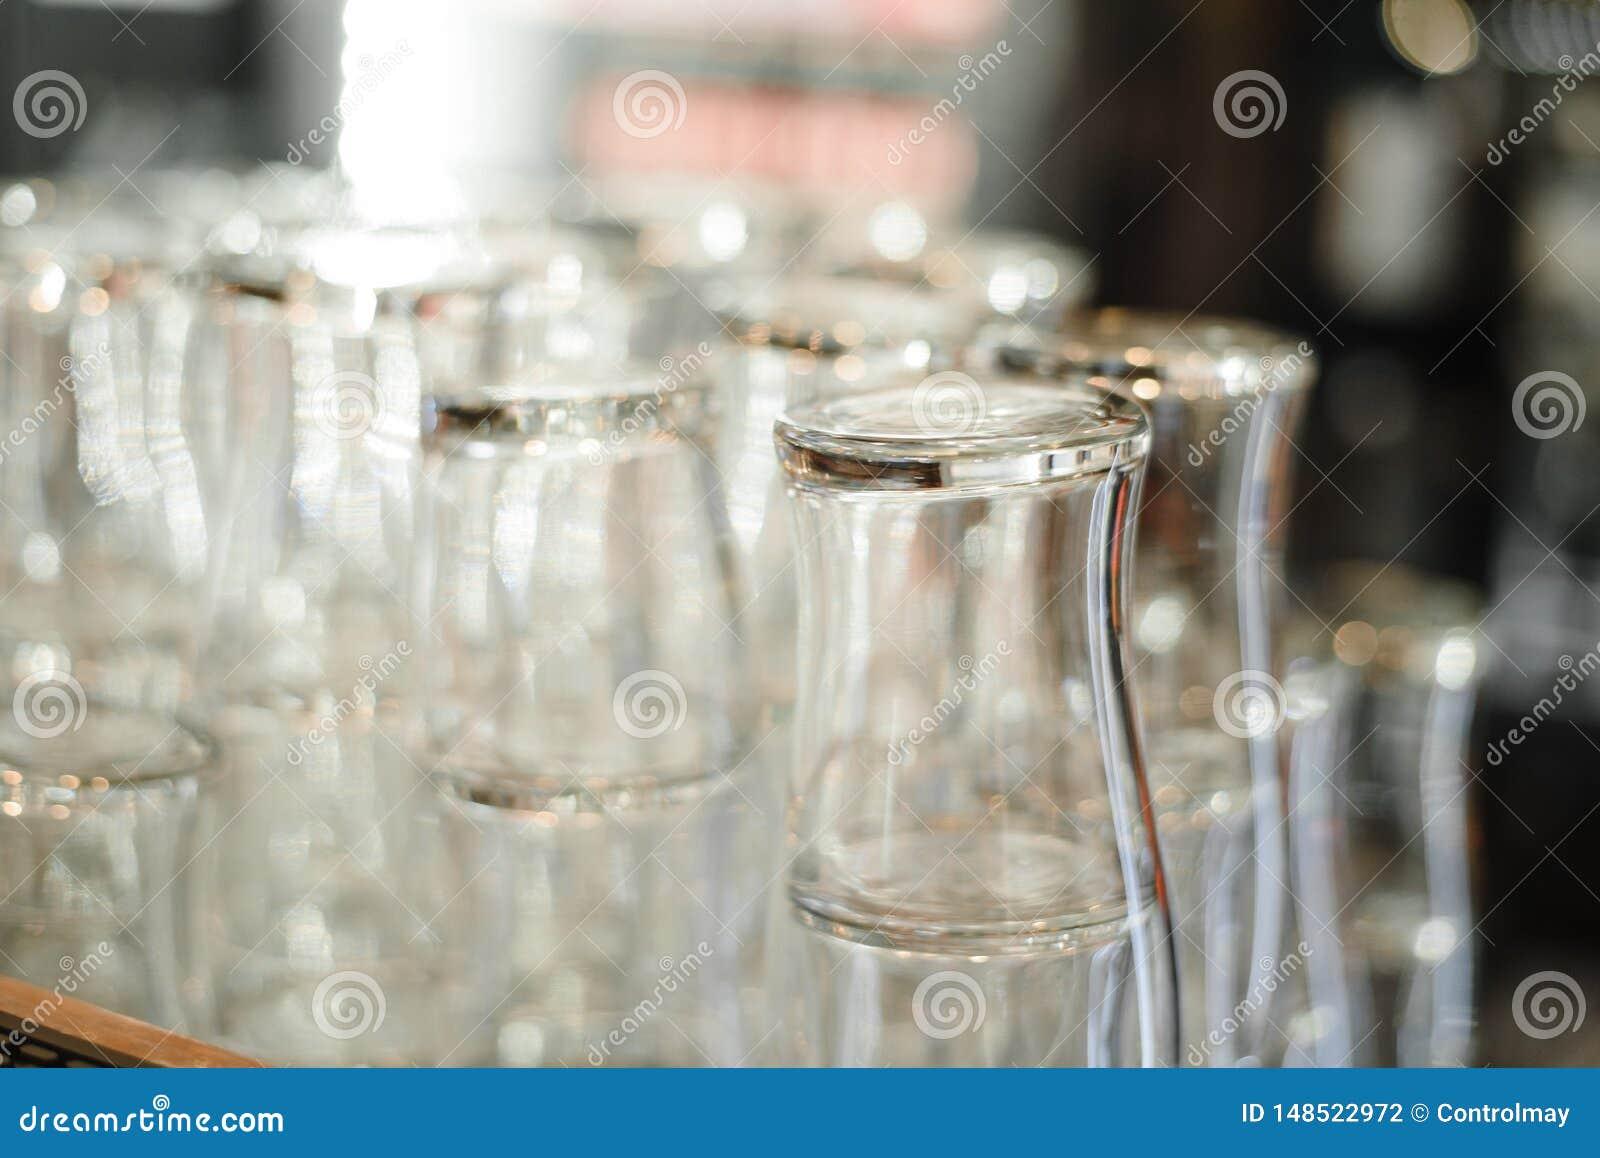 Стекла для алкоголя и коктейлей